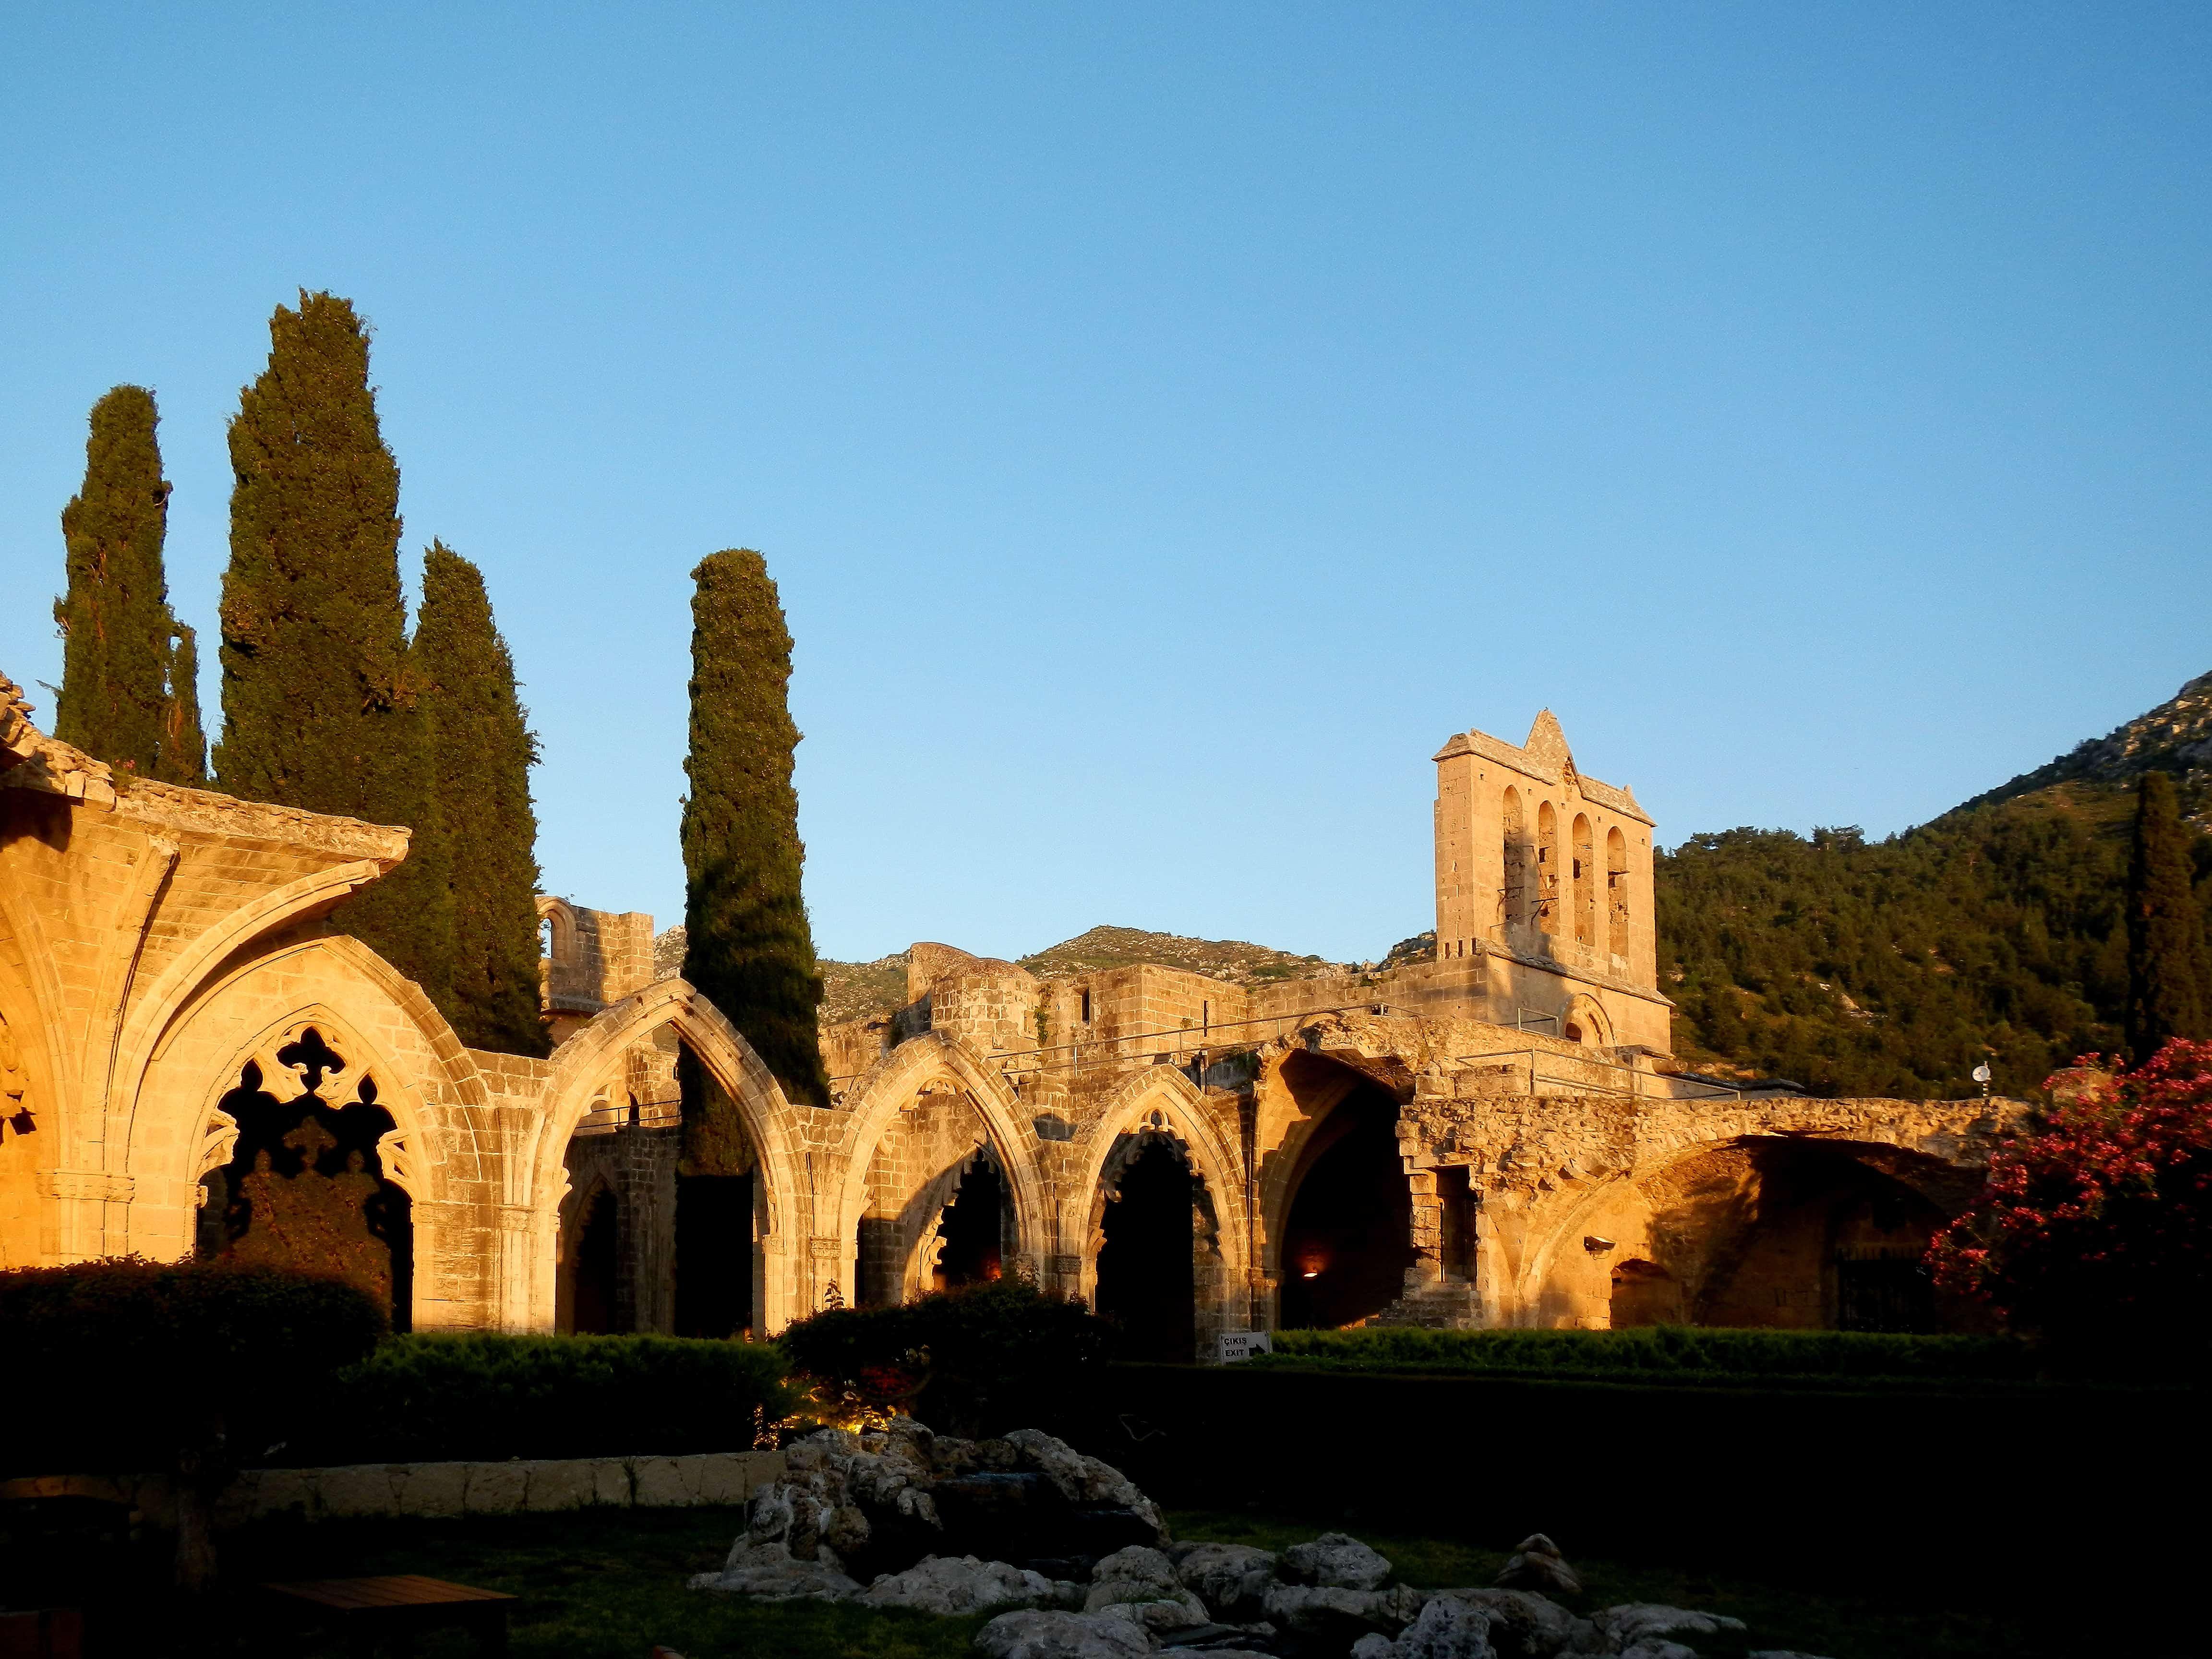 Bellapais Abbey, Cyprus